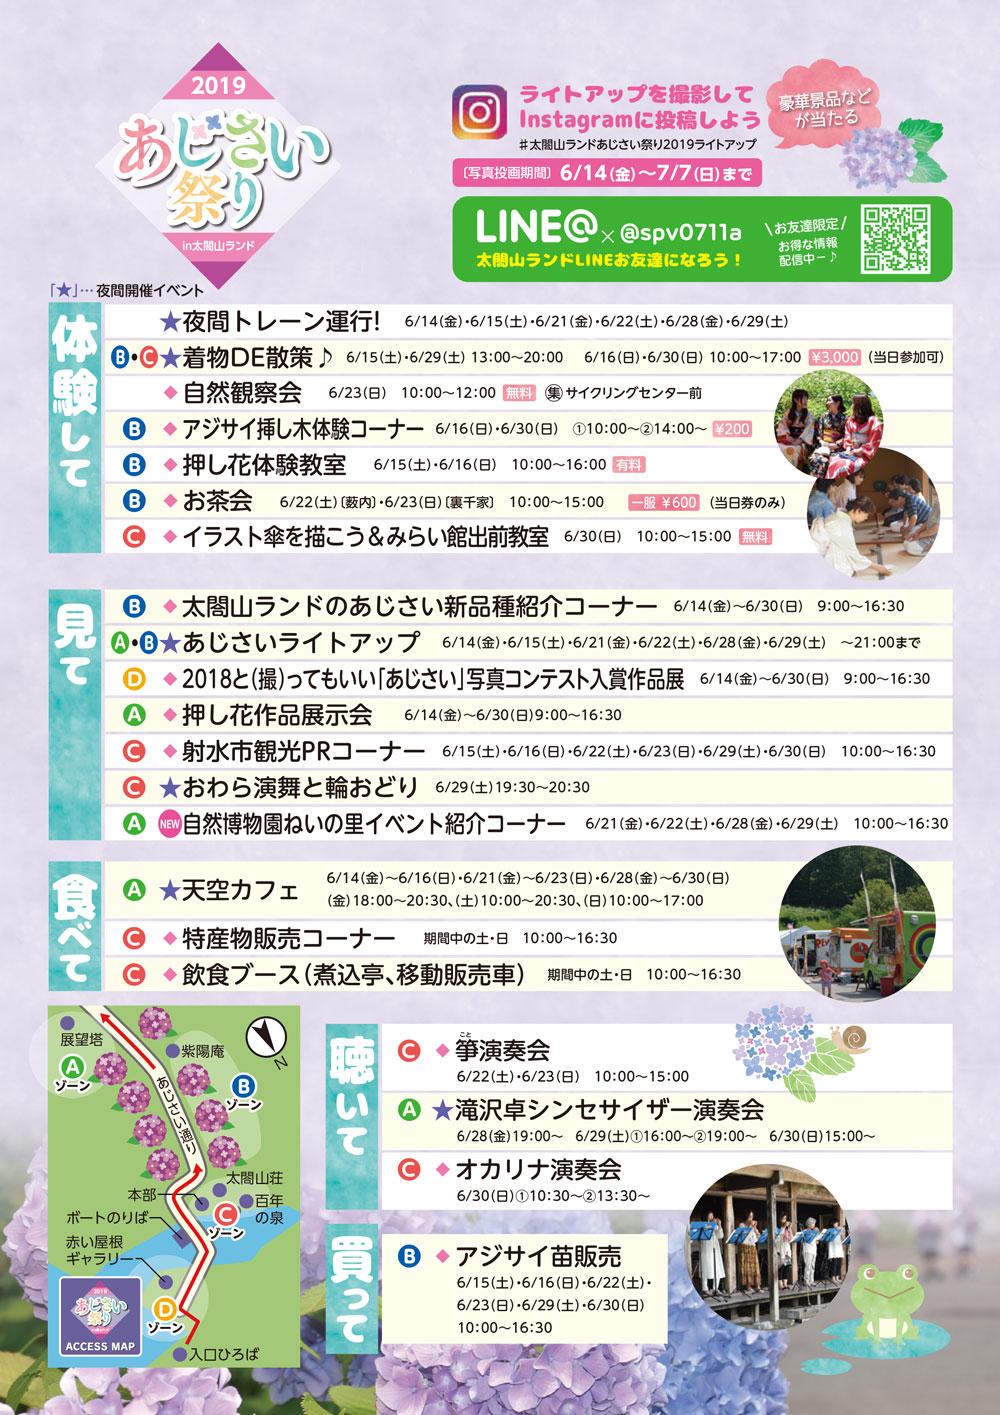 「あじさい祭りin太閤山ランド2019」のイベント内容